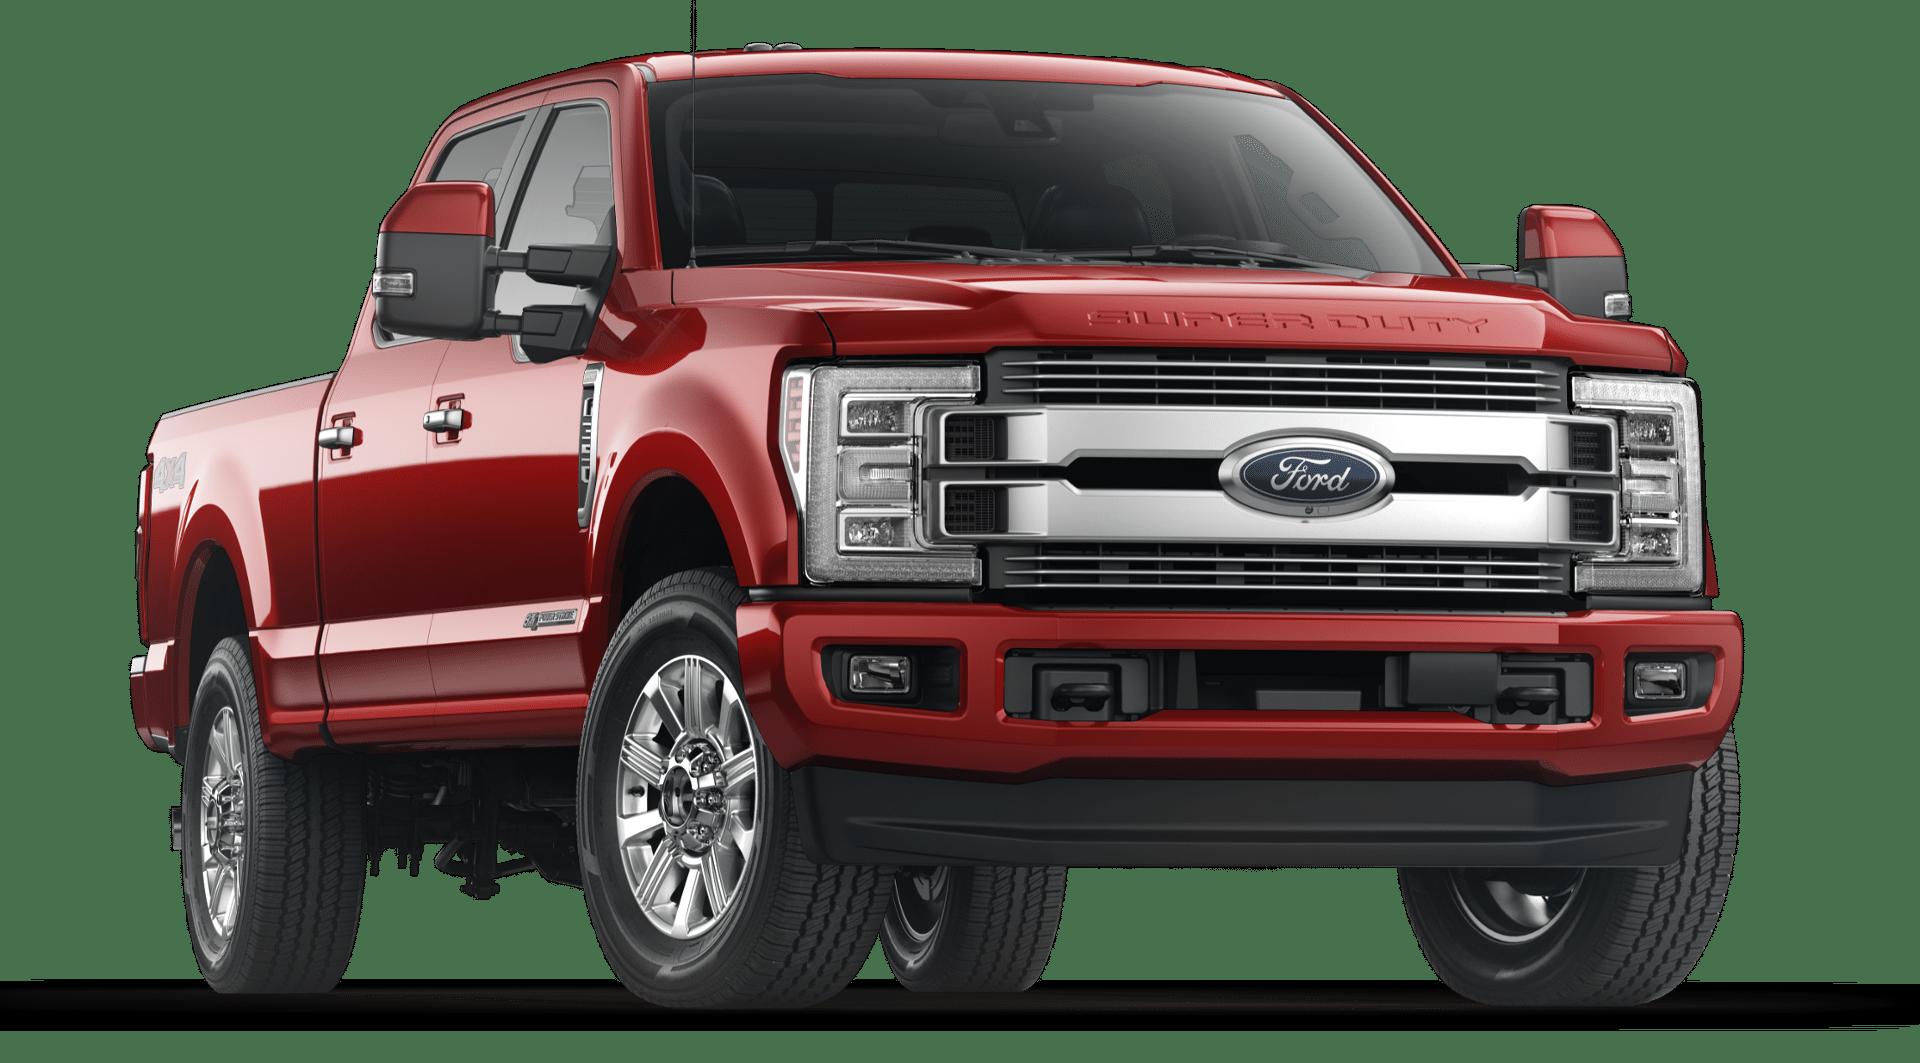 2019 Ford Super Duty F-250 Limited Kenedy TX 78119   2019